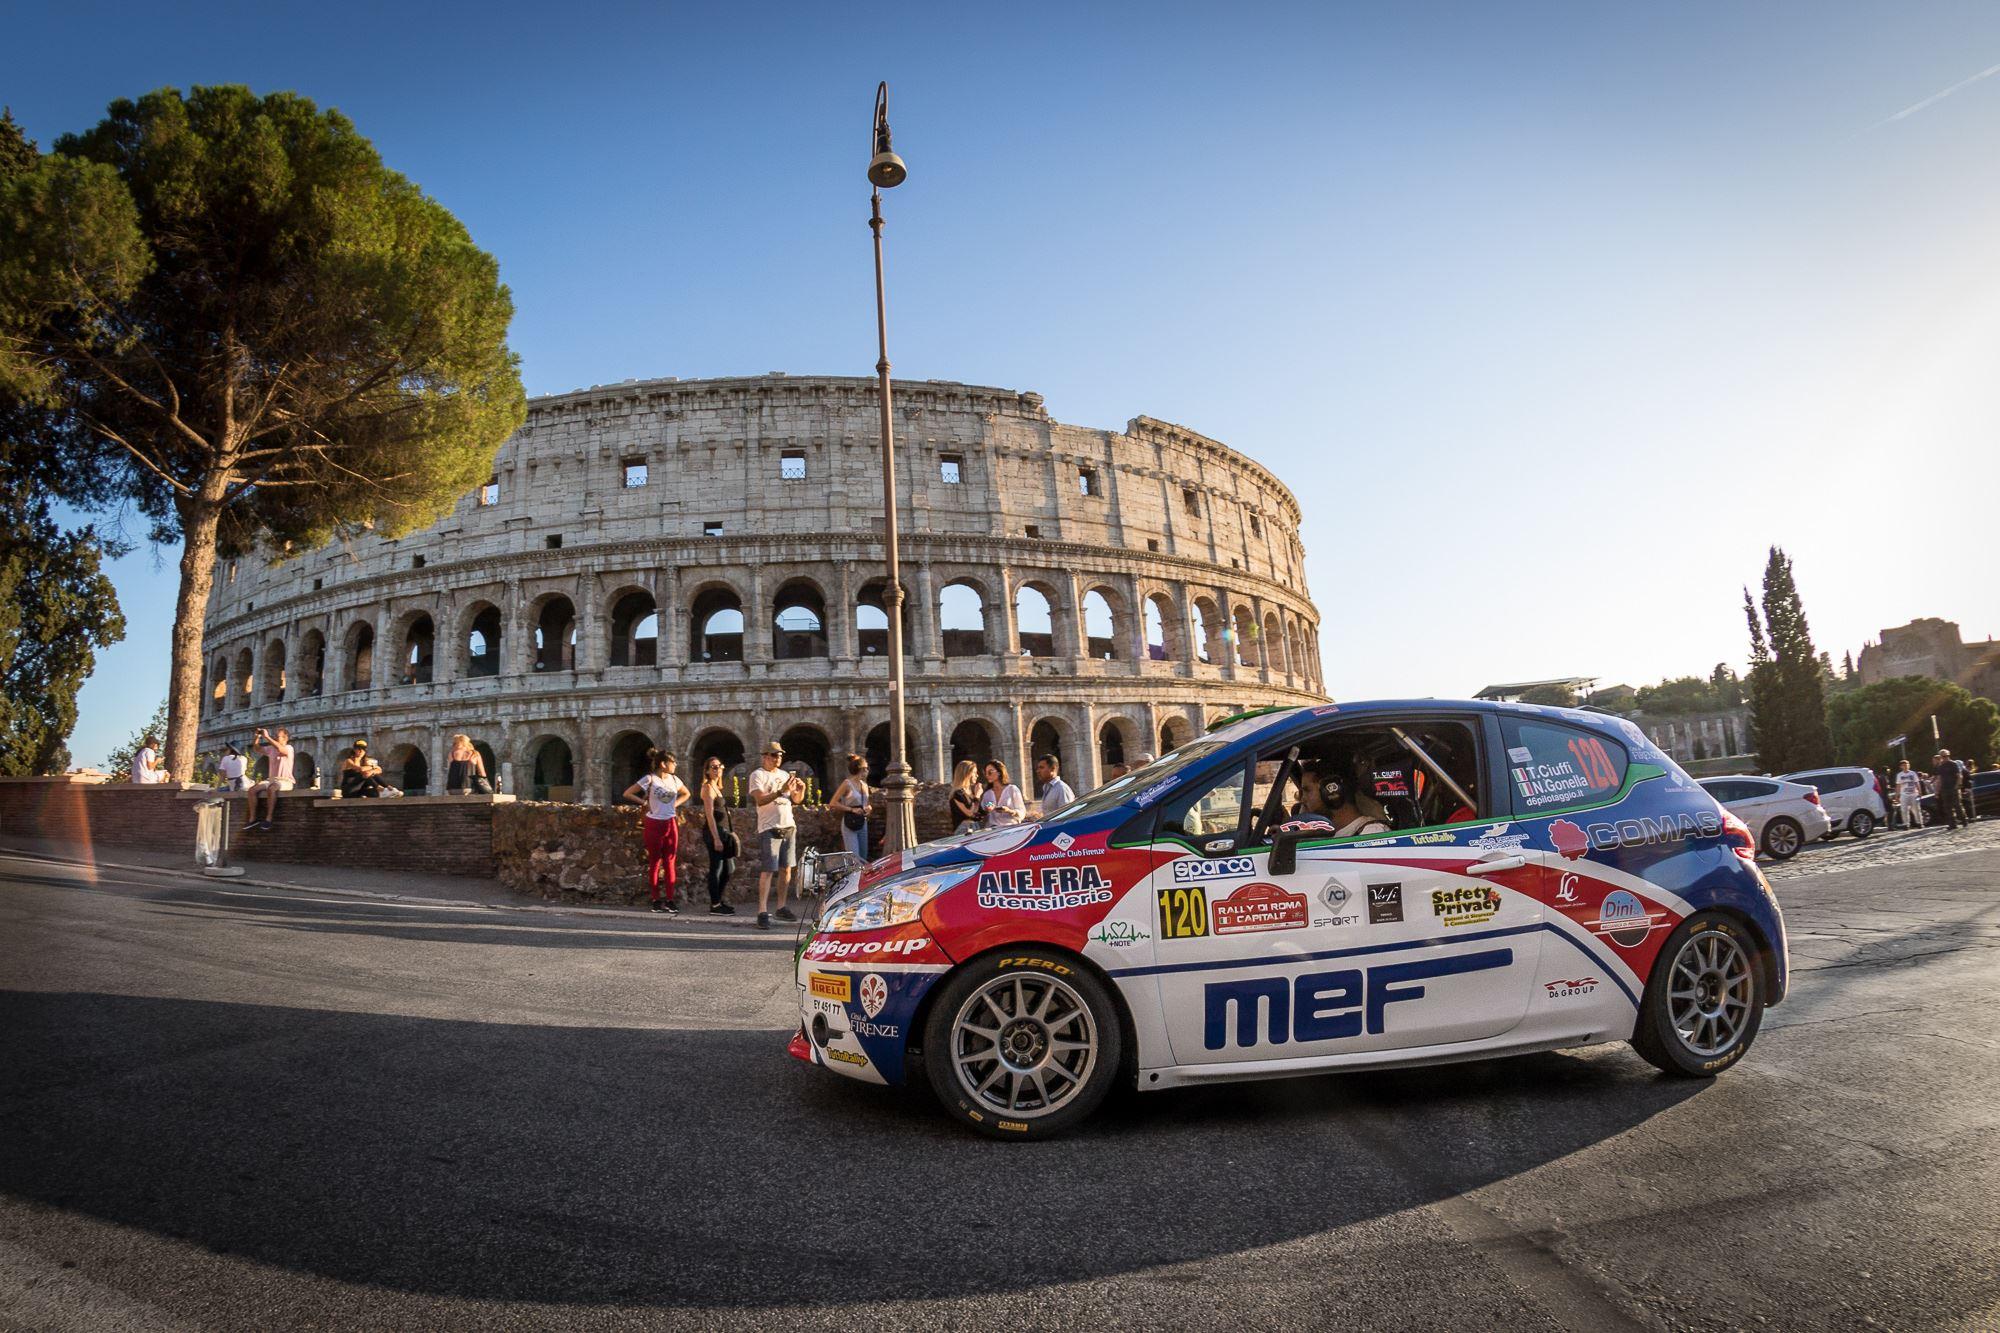 Motori, questa sera la partenza del Rally di Roma(22-25 luglio)